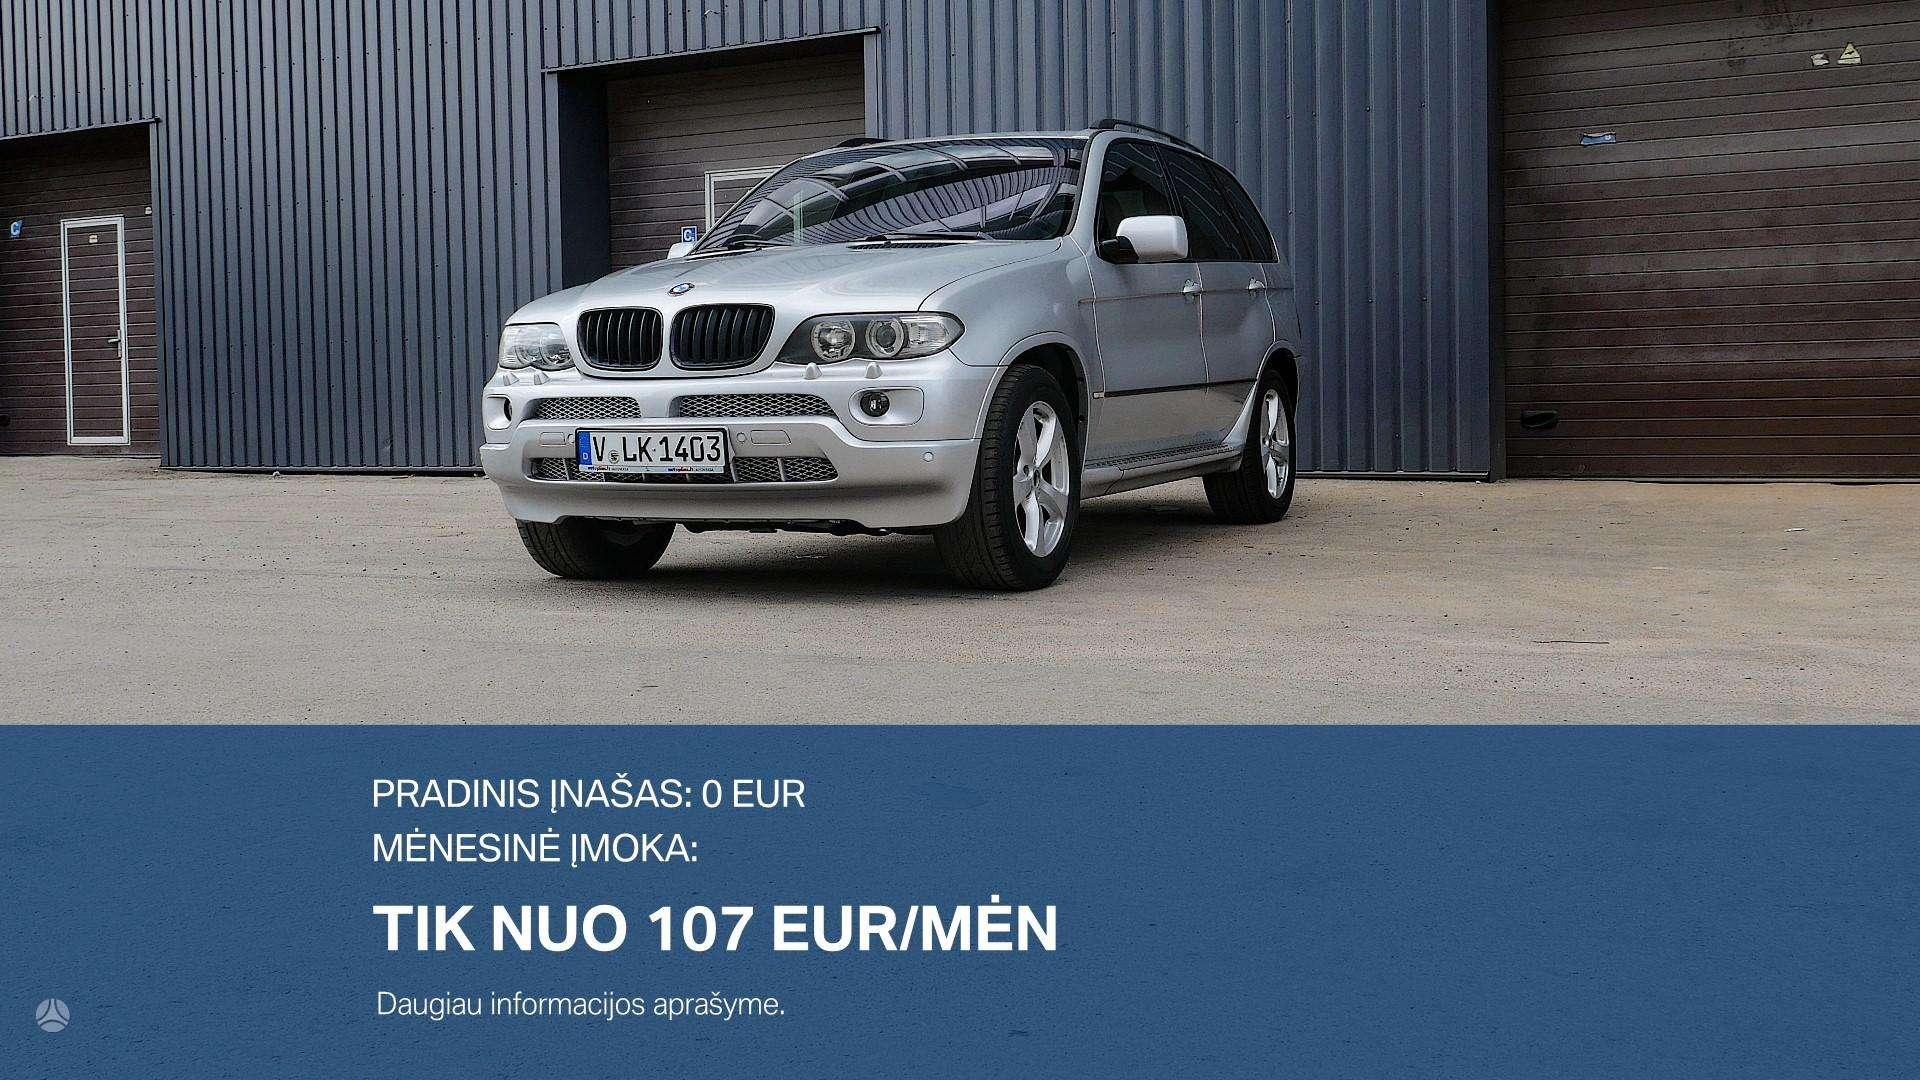 BMW X5 Išsimokėtinai nuo 107Eur/Mėn su 3 mėnesių garantiija